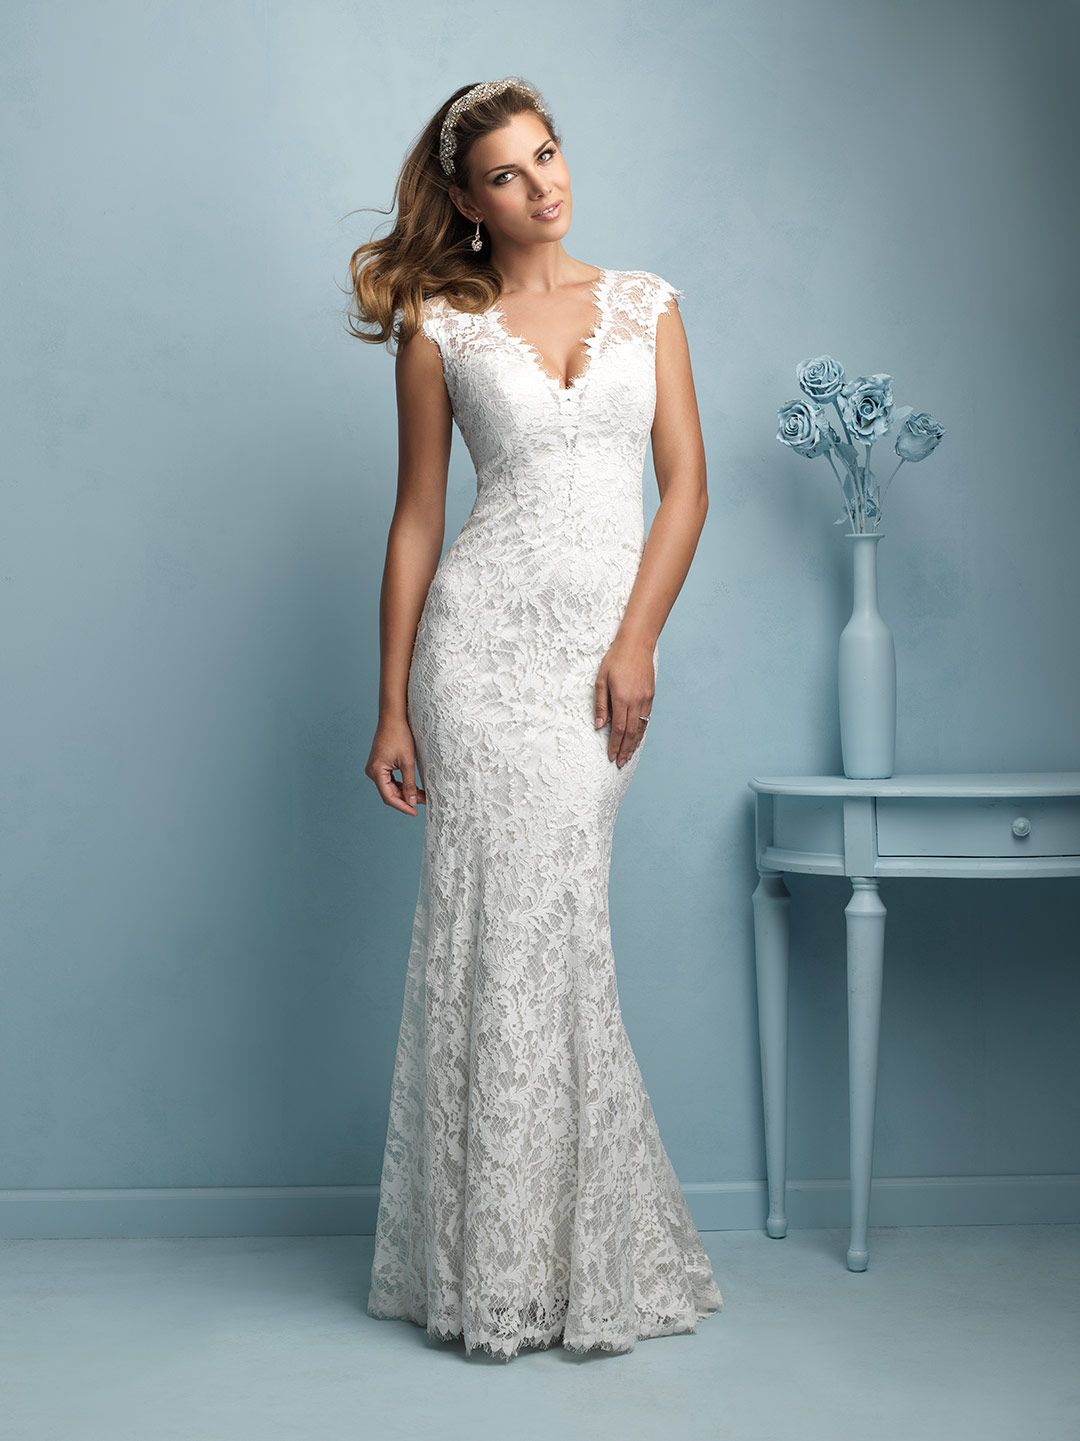 Allure Bridals - 9206 http://www.allurebridals.com/products/9206 ...